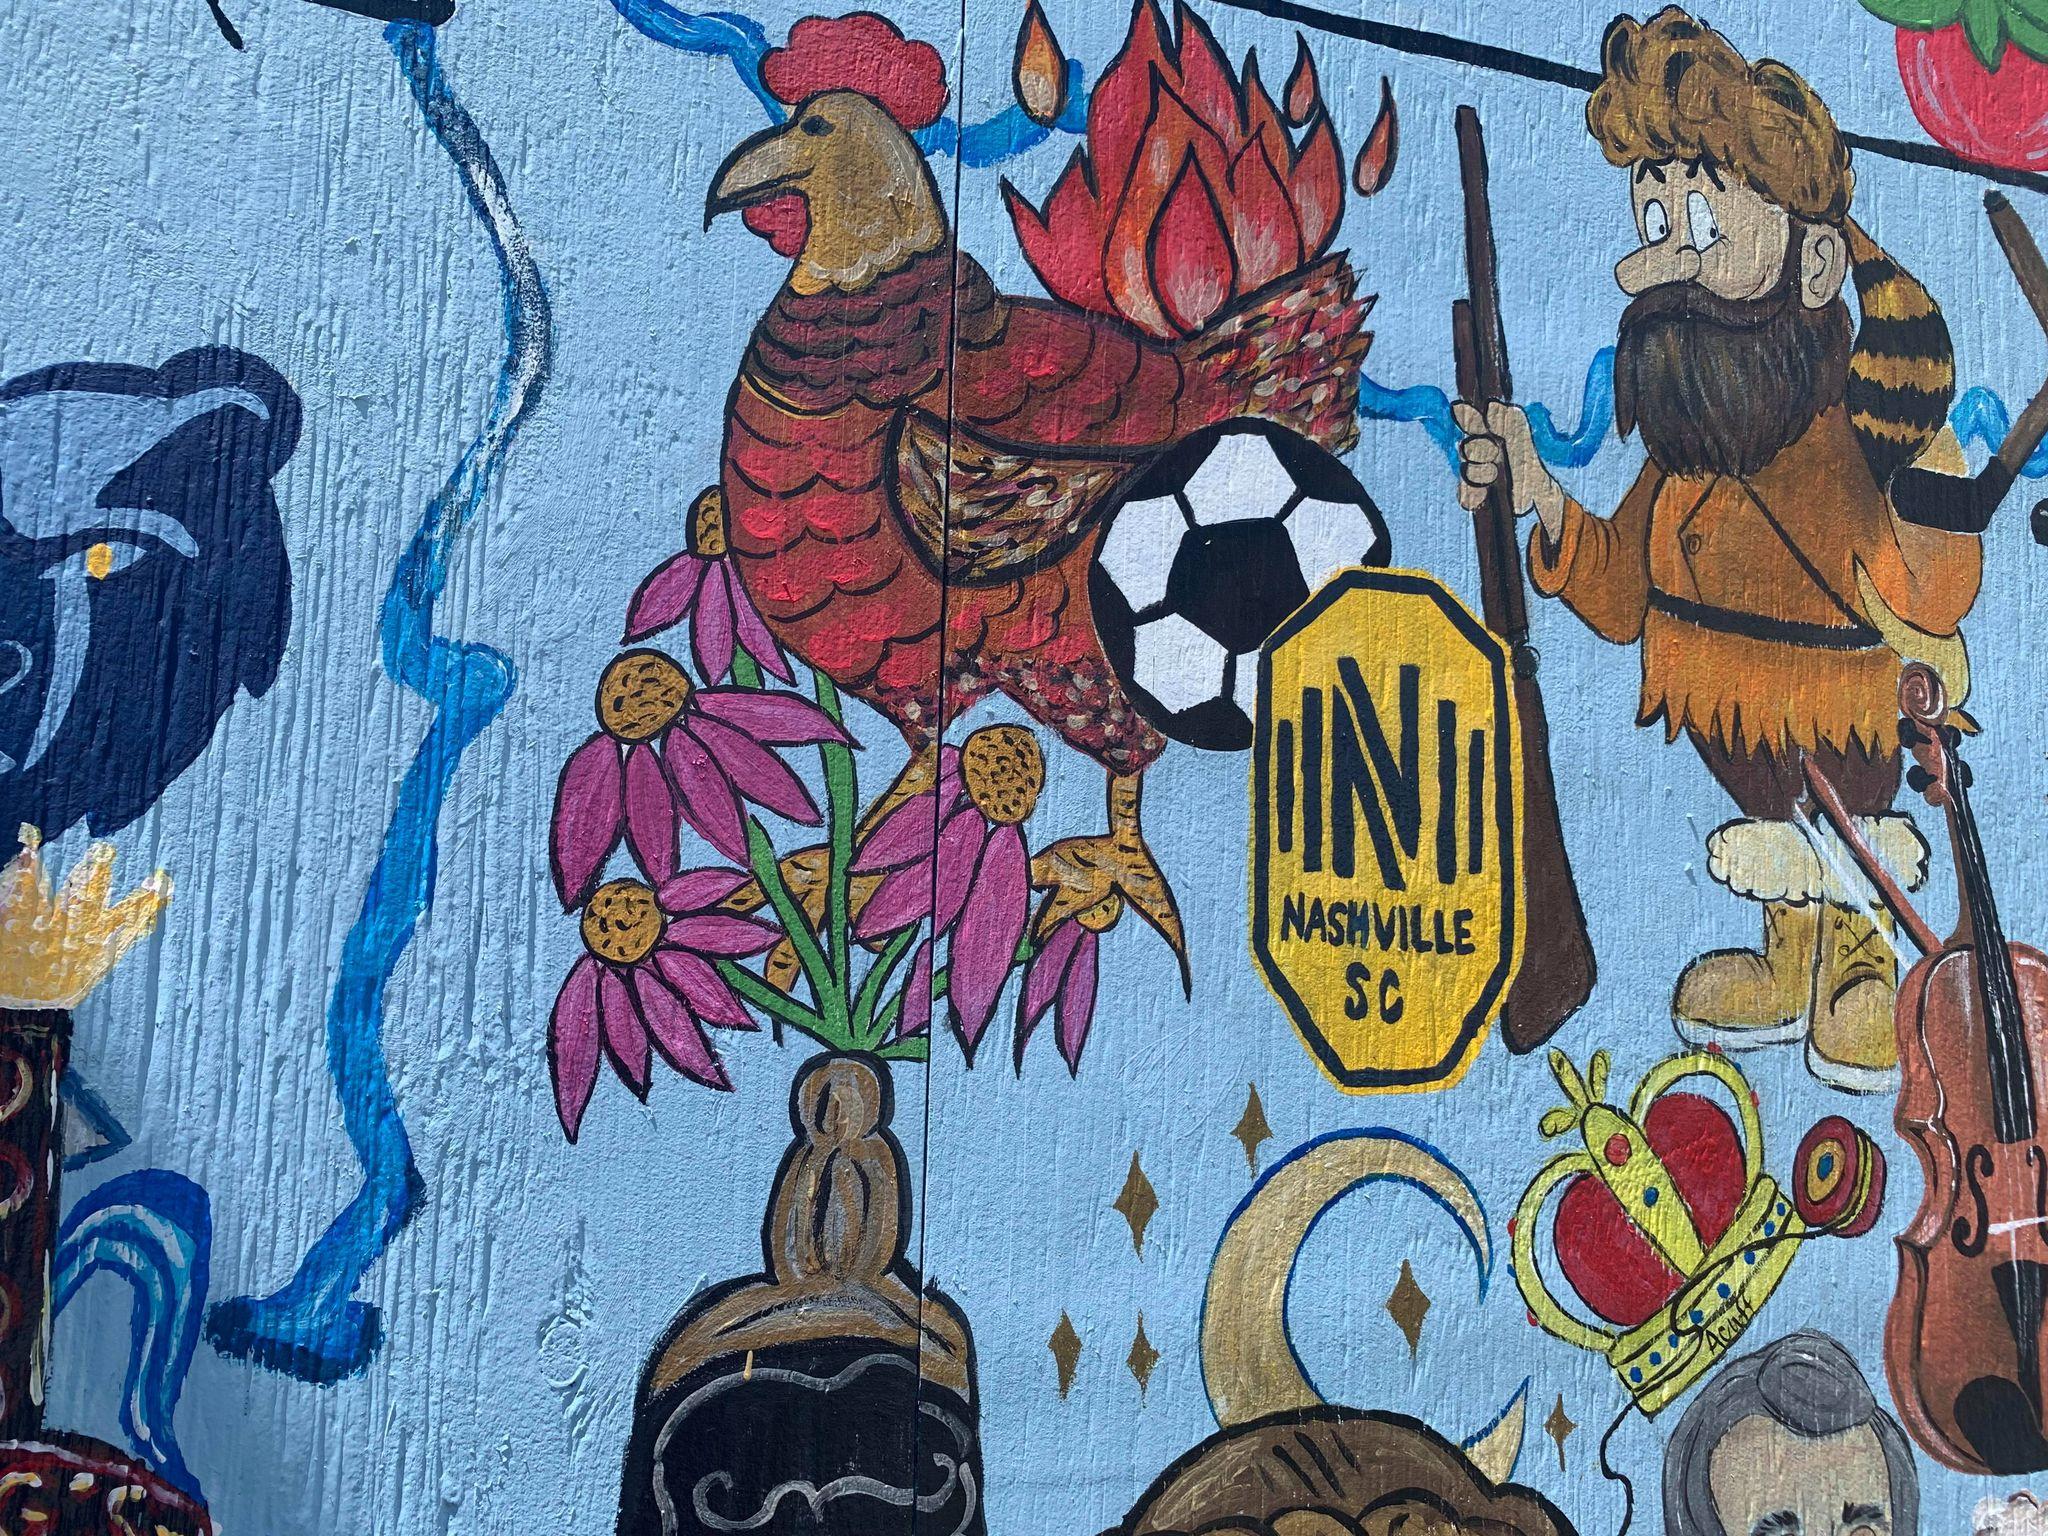 Wilson County Fair Mural